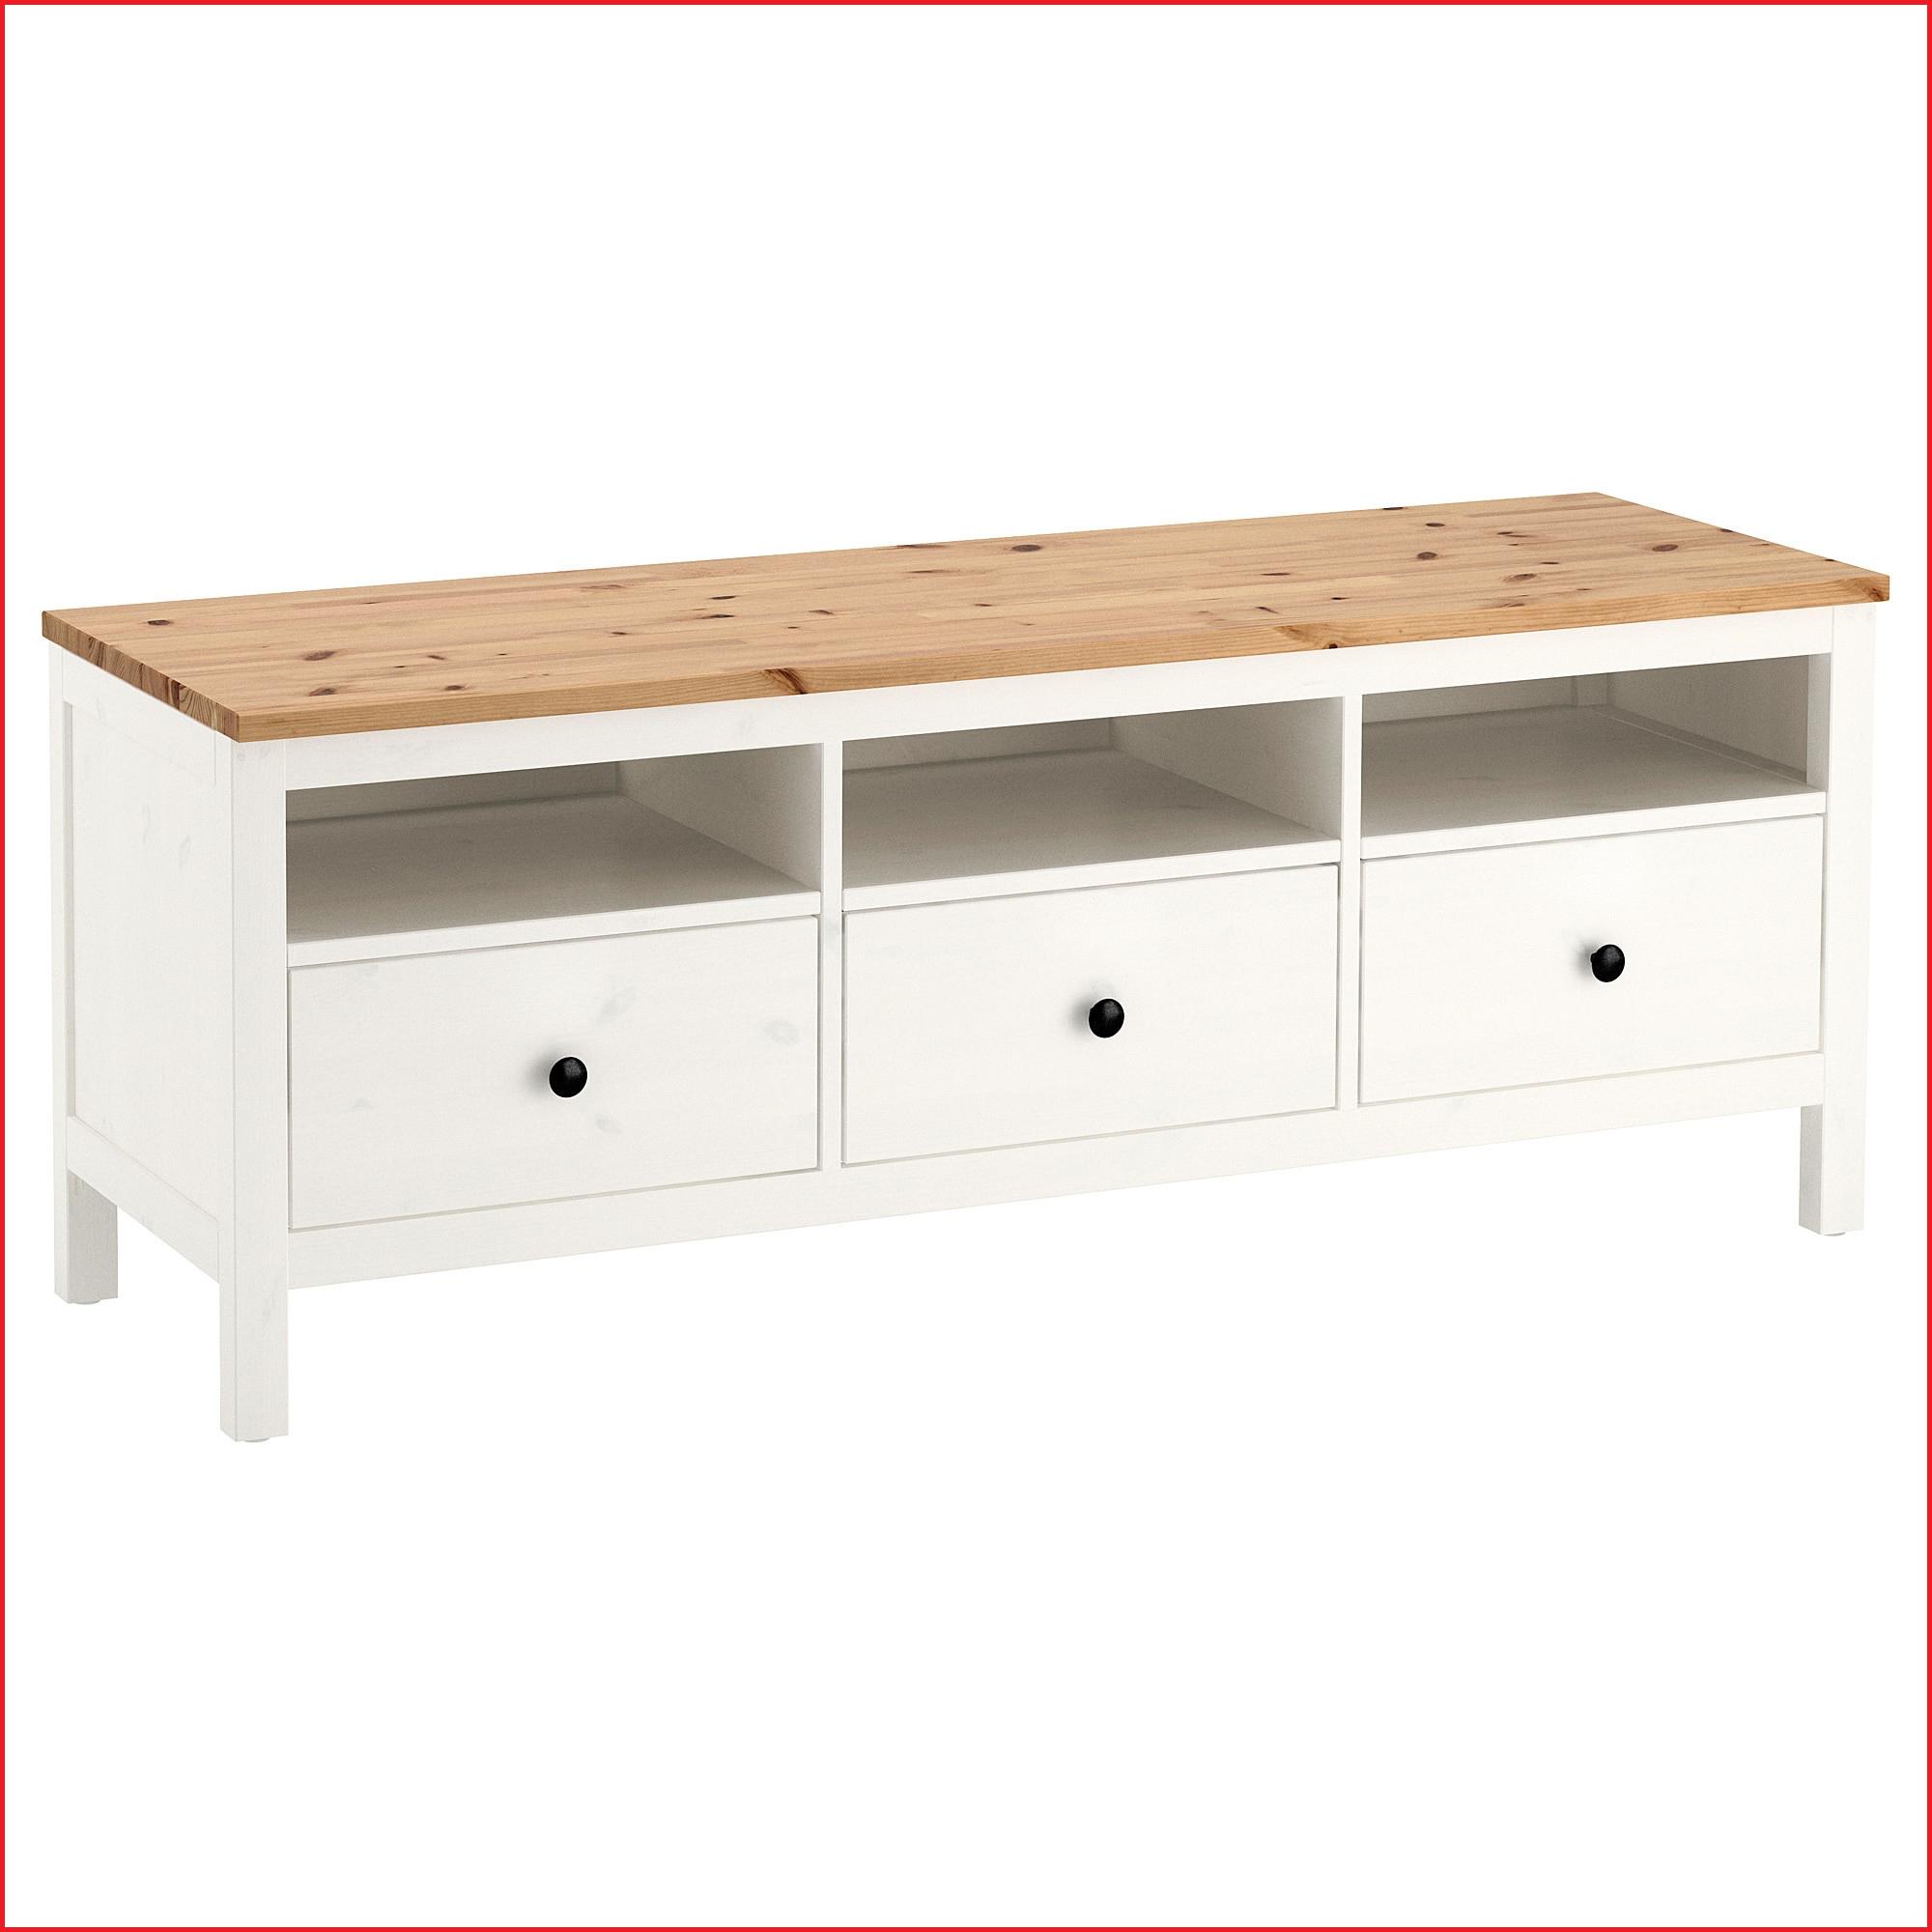 Zwevende Wandkast Ikea.Muebles Bajos Ikea U3dh Muebles Bajos Ikea Zwevende Kast Van 7 20